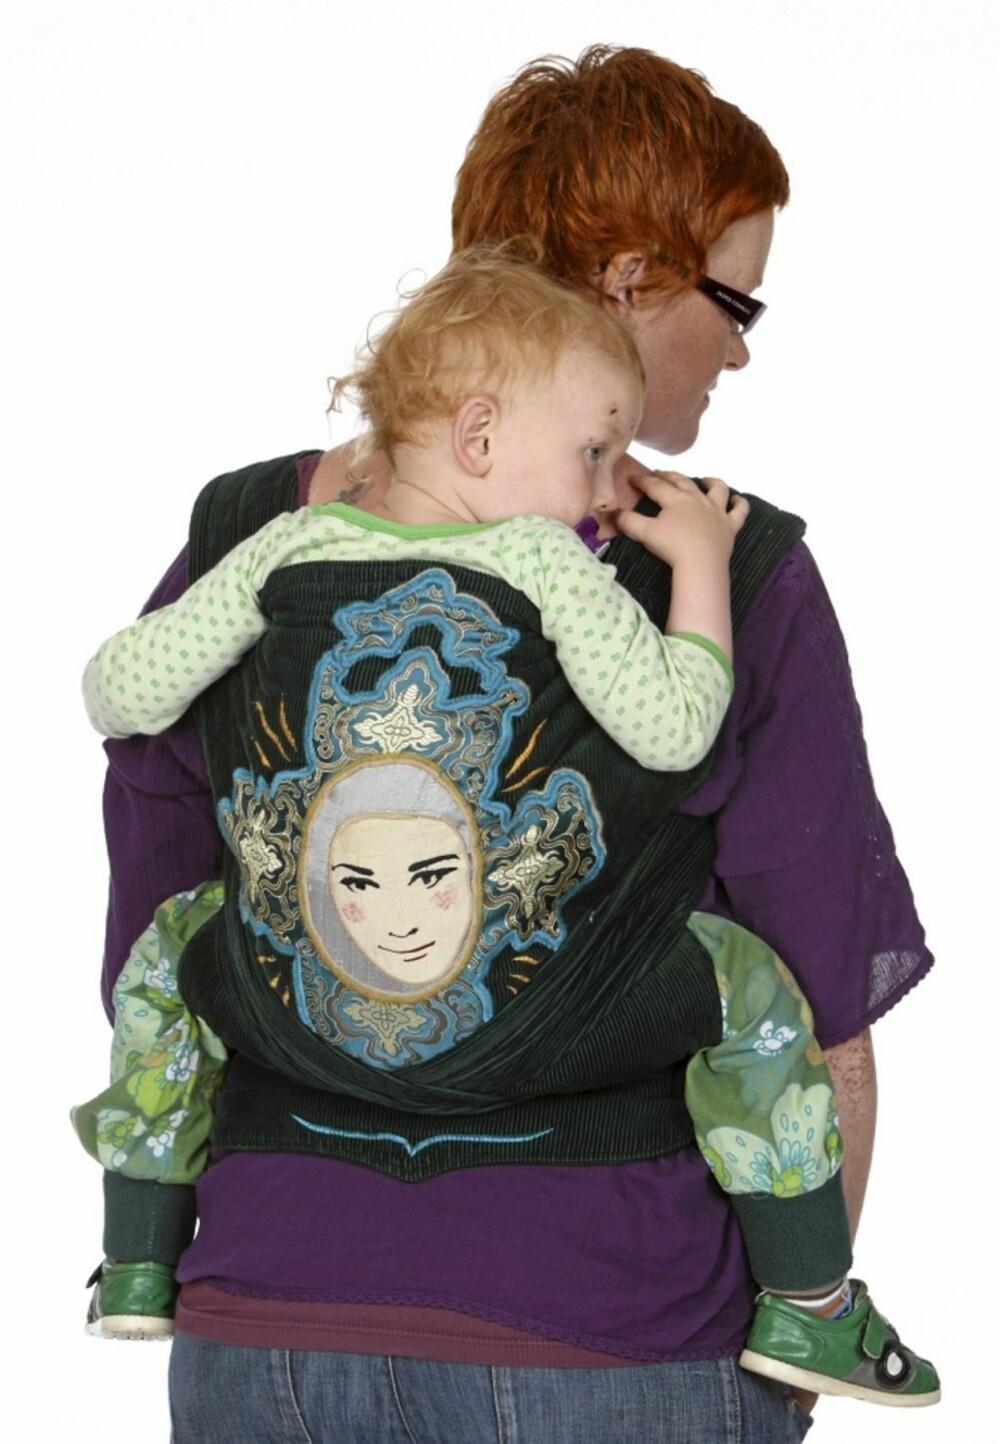 HVORDAN BÆRE BABYEN: Edvard på 2 år er så stor at han ikke trenger støtte i hele ryggen. Derfor er stoffet dratt ned slik at han har frie armer.